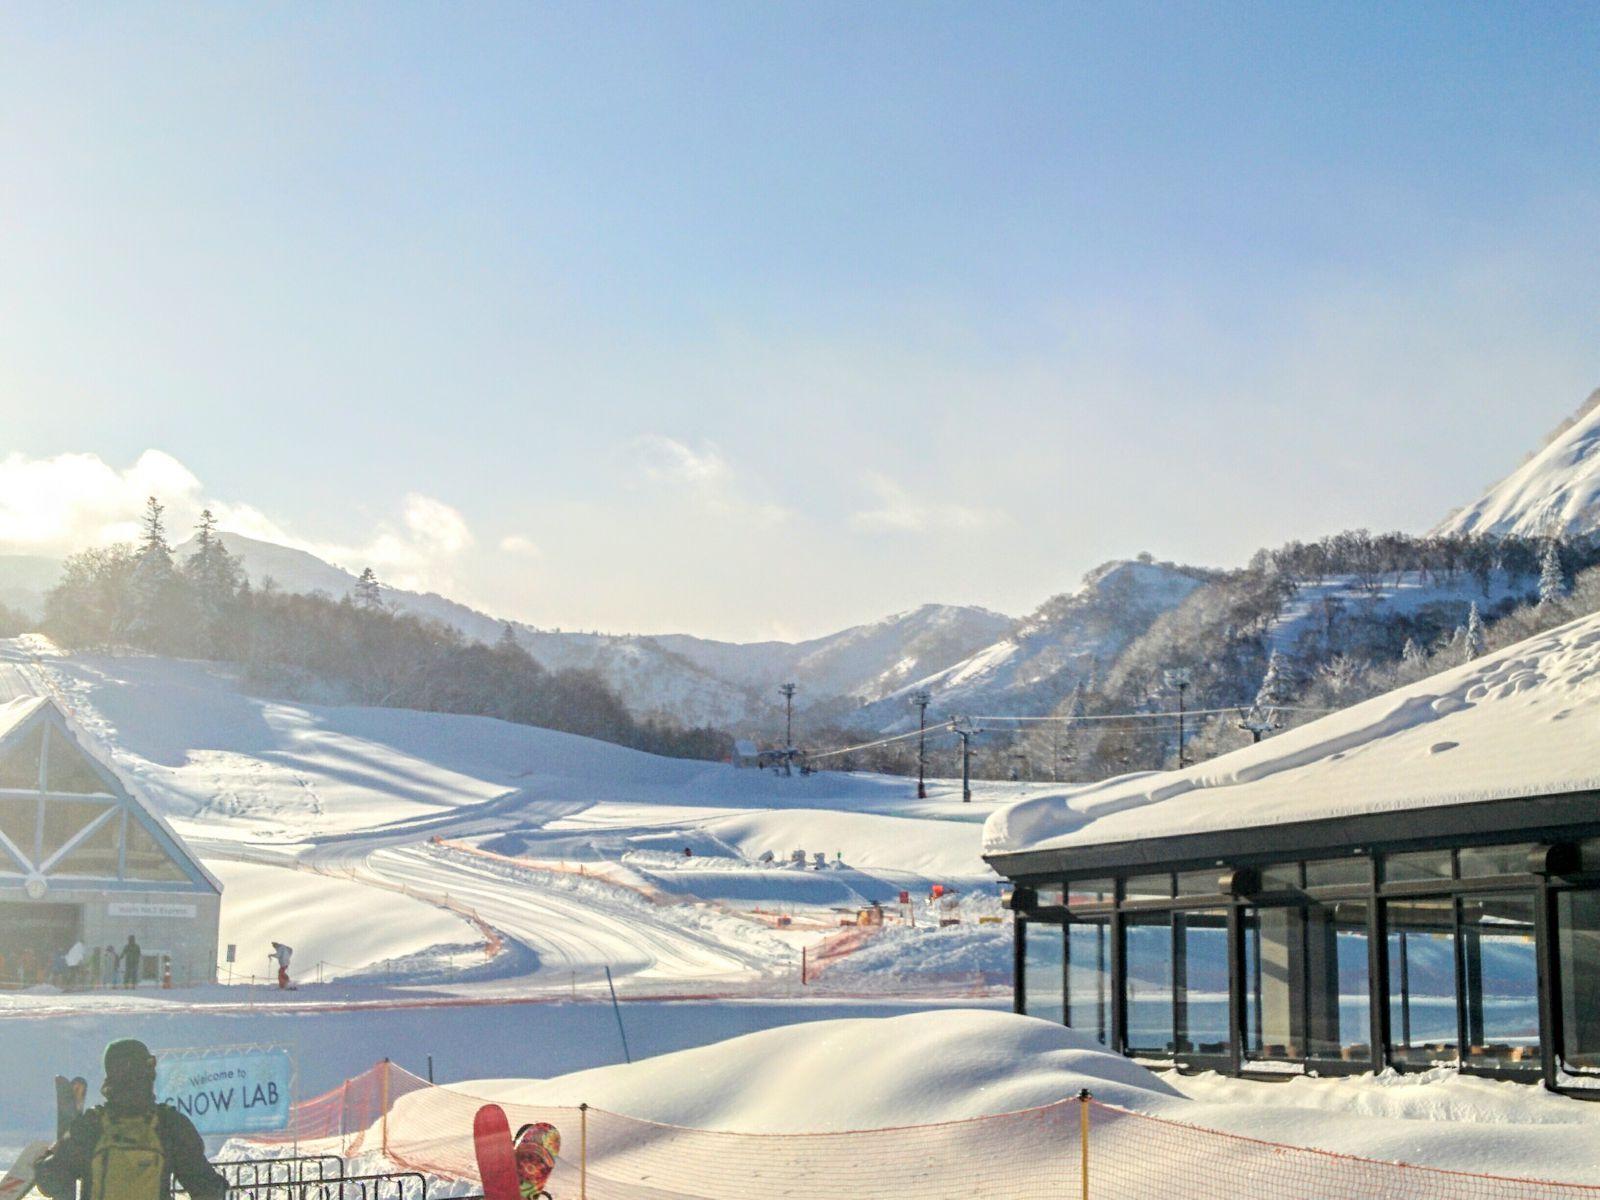 【キロロ】キロロリゾートスキー場観光案内です。